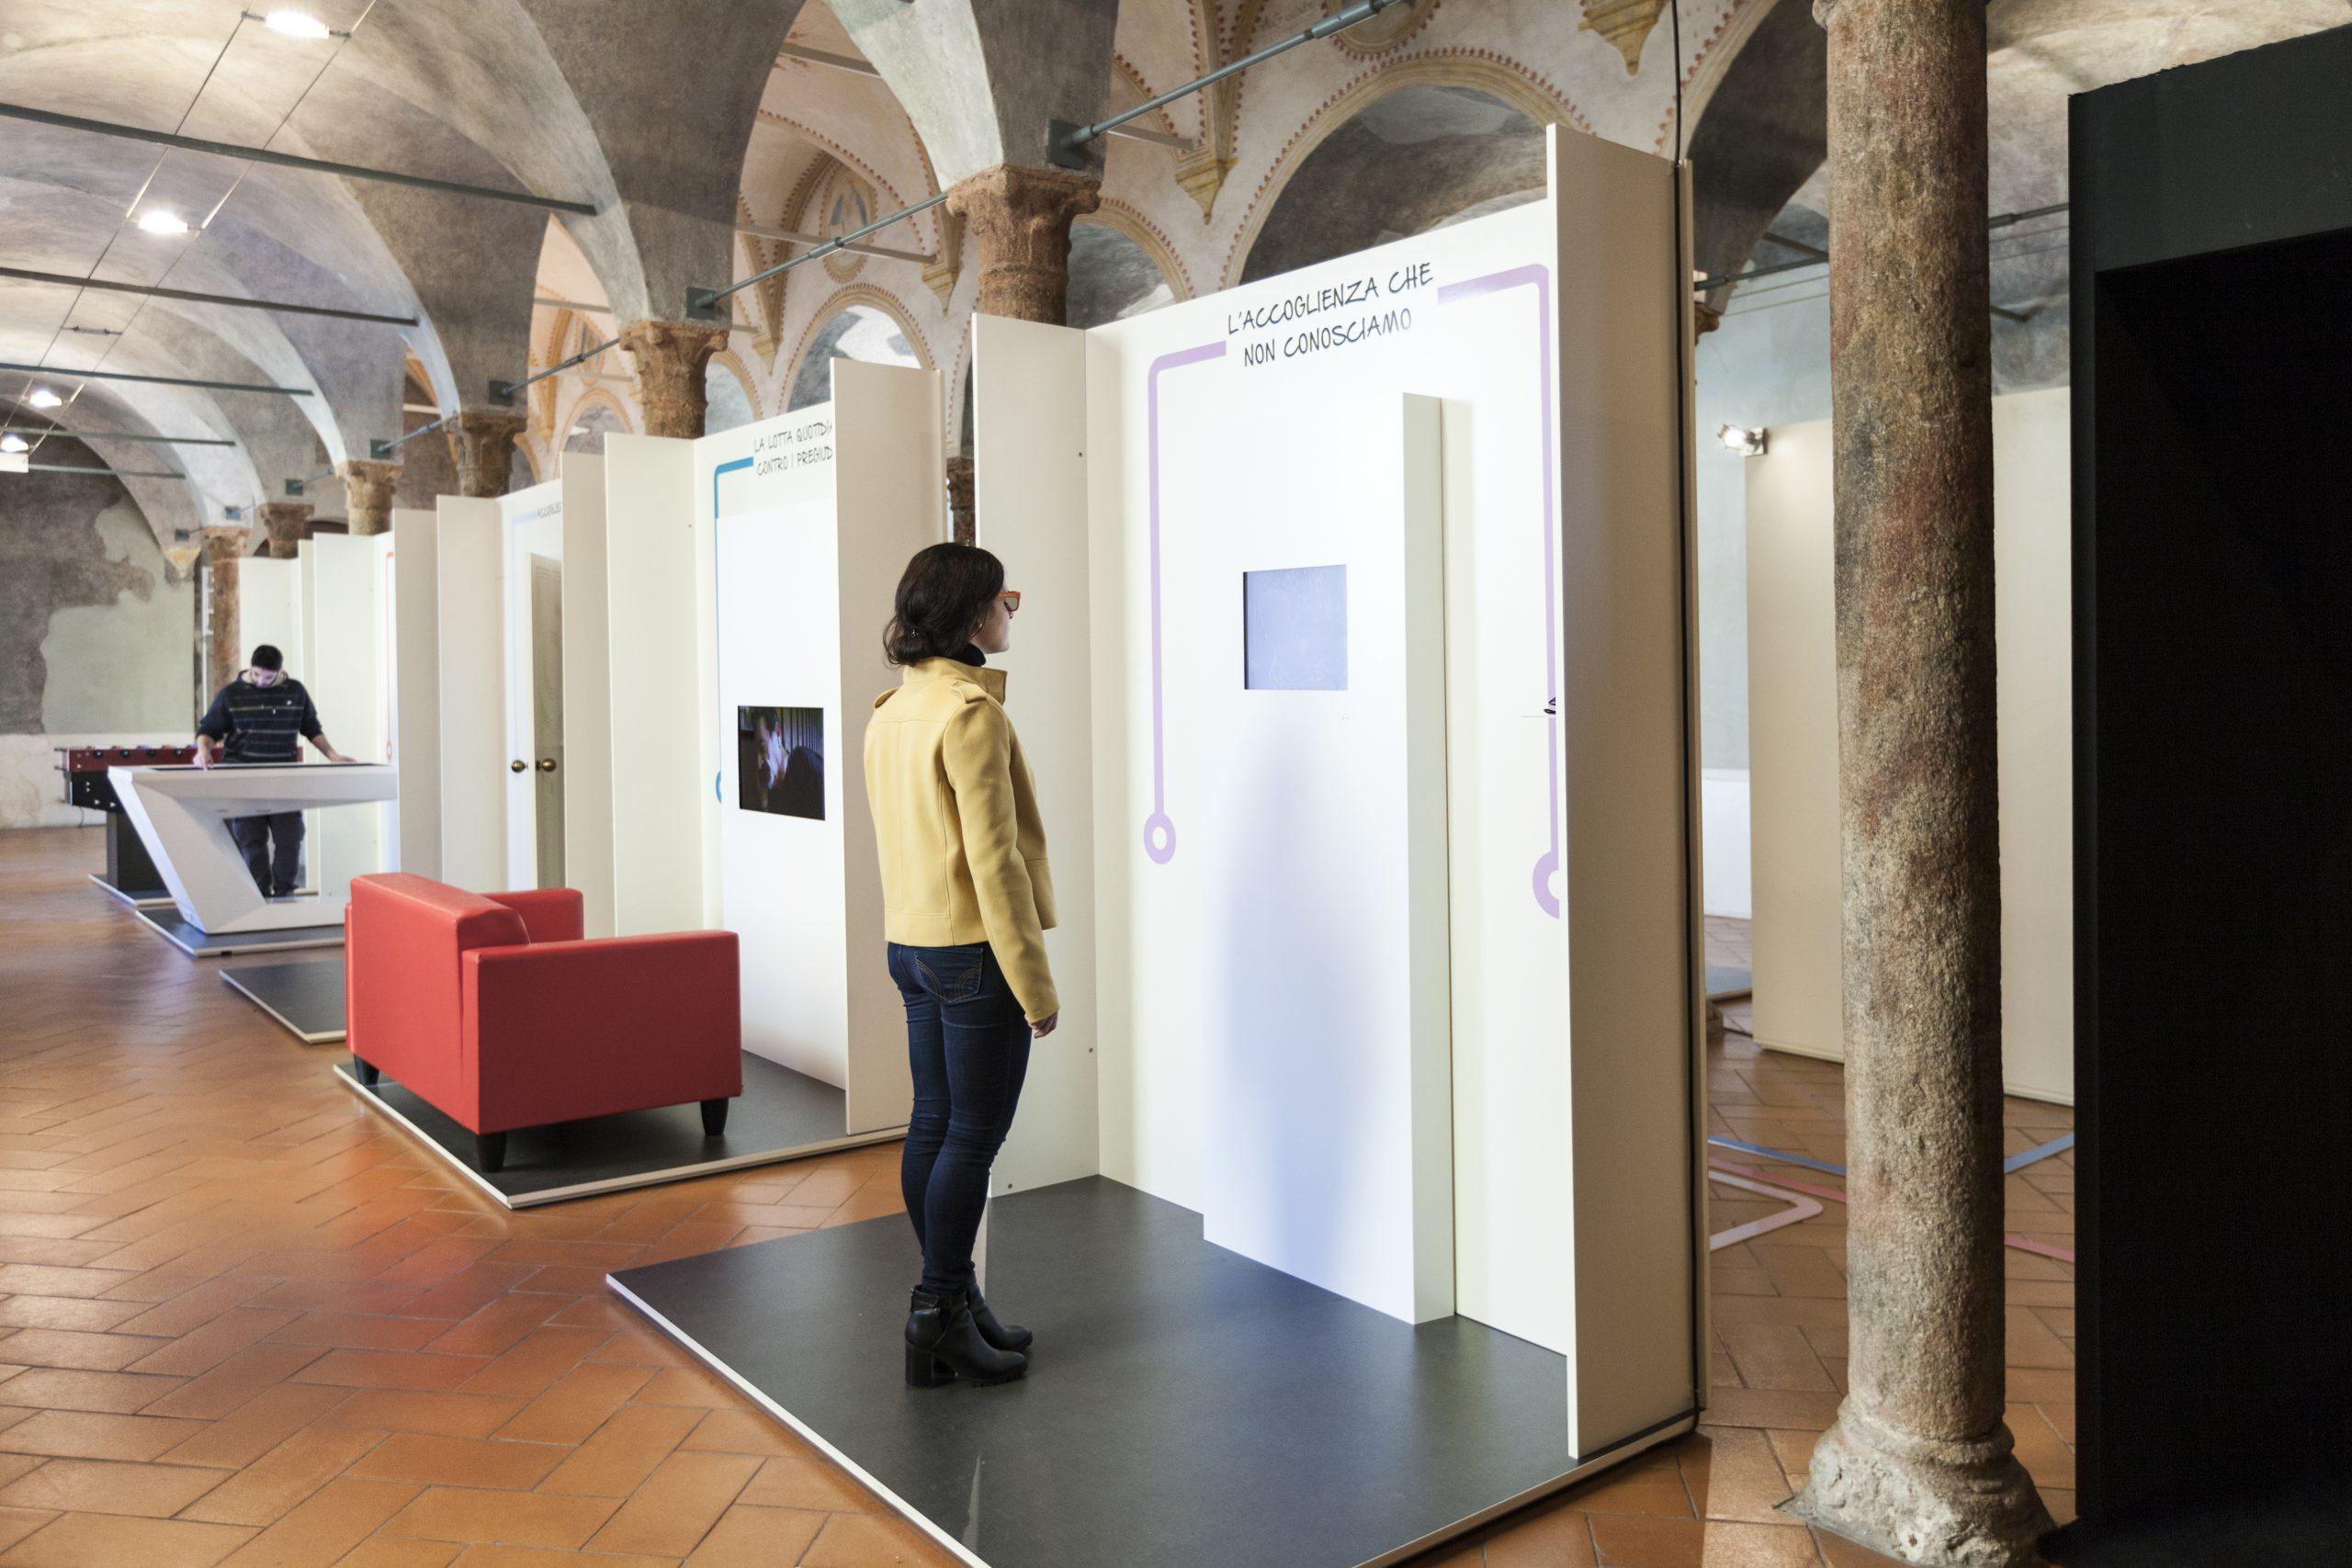 Fondazione Padri Somaschi Circuiti Invisibili Allestimenti Museal